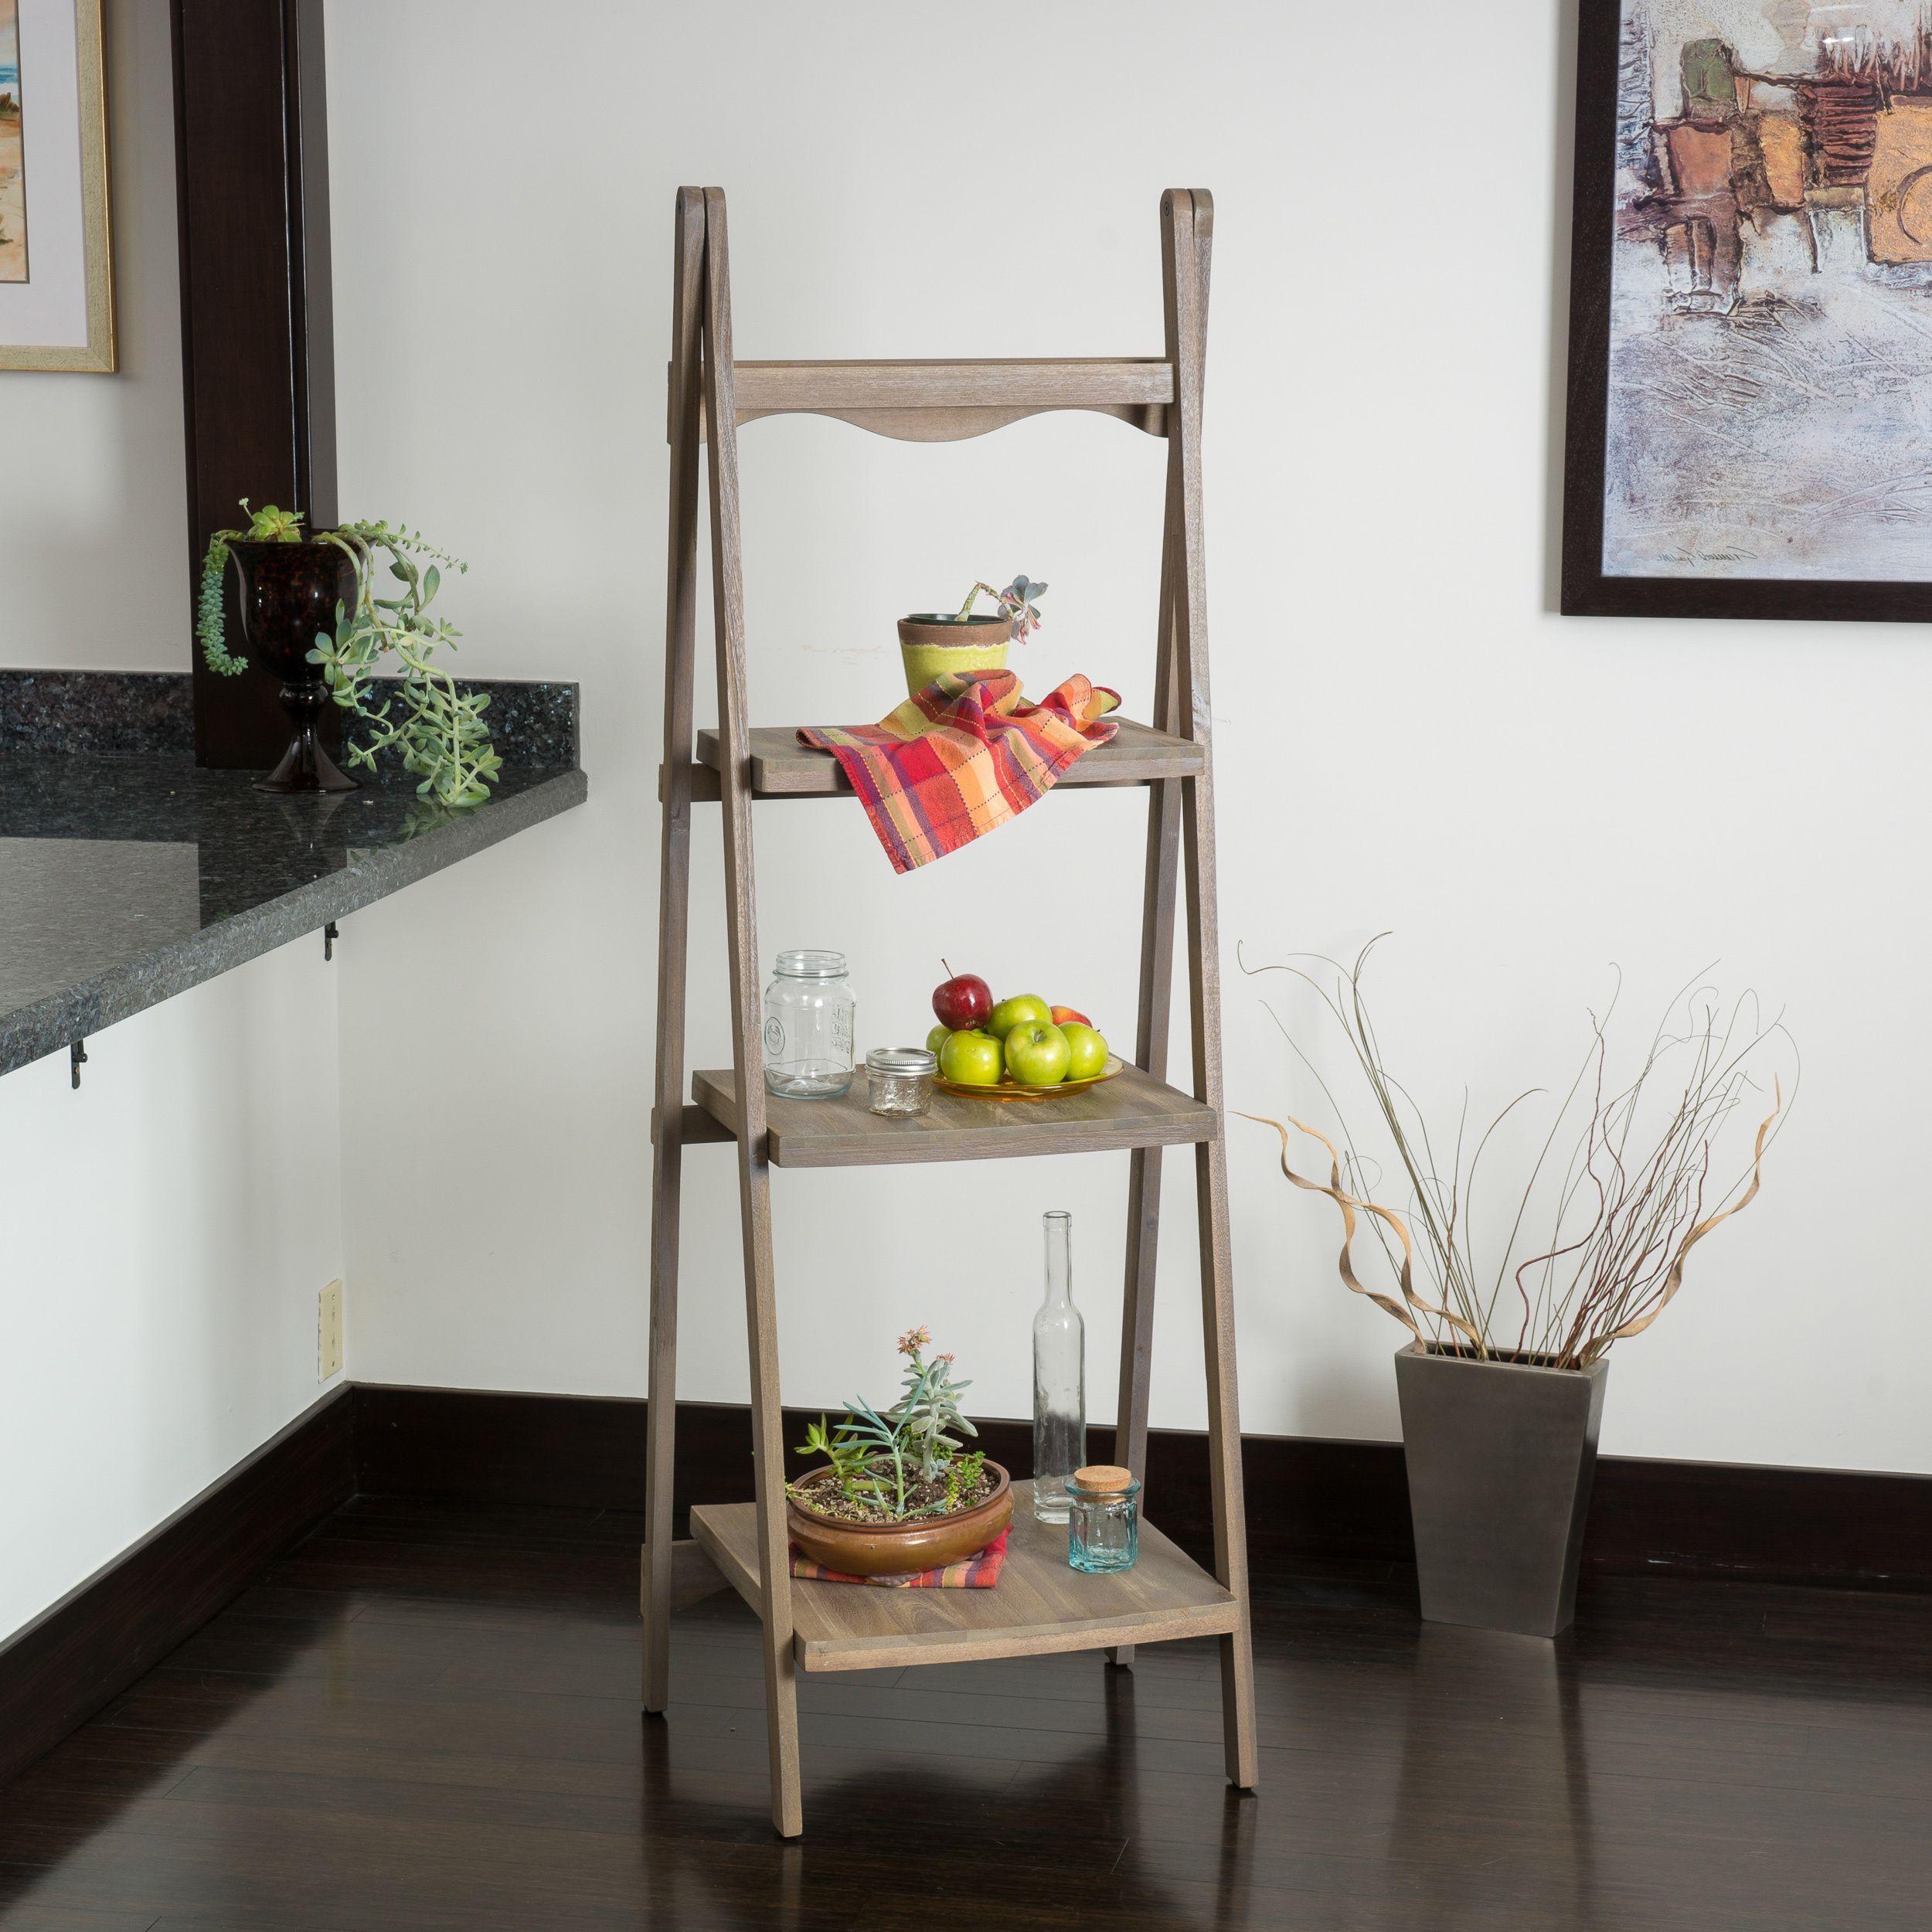 The mabel wood ladder shelf exudes soft vintage inspired elements